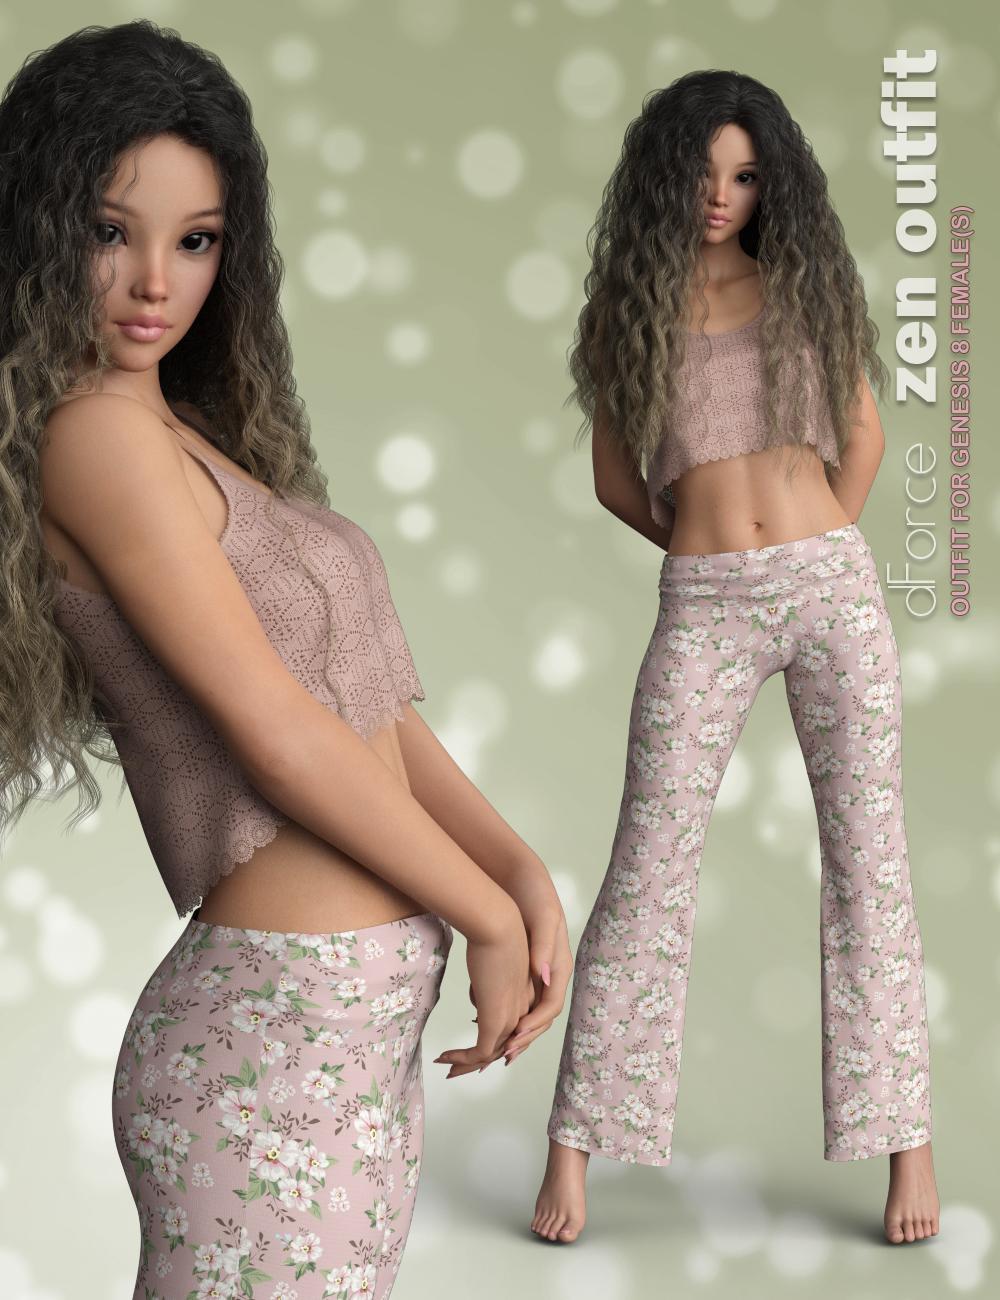 dForce P3D Zen Outfit for Genesis 8 Female by: P3Design, 3D Models by Daz 3D